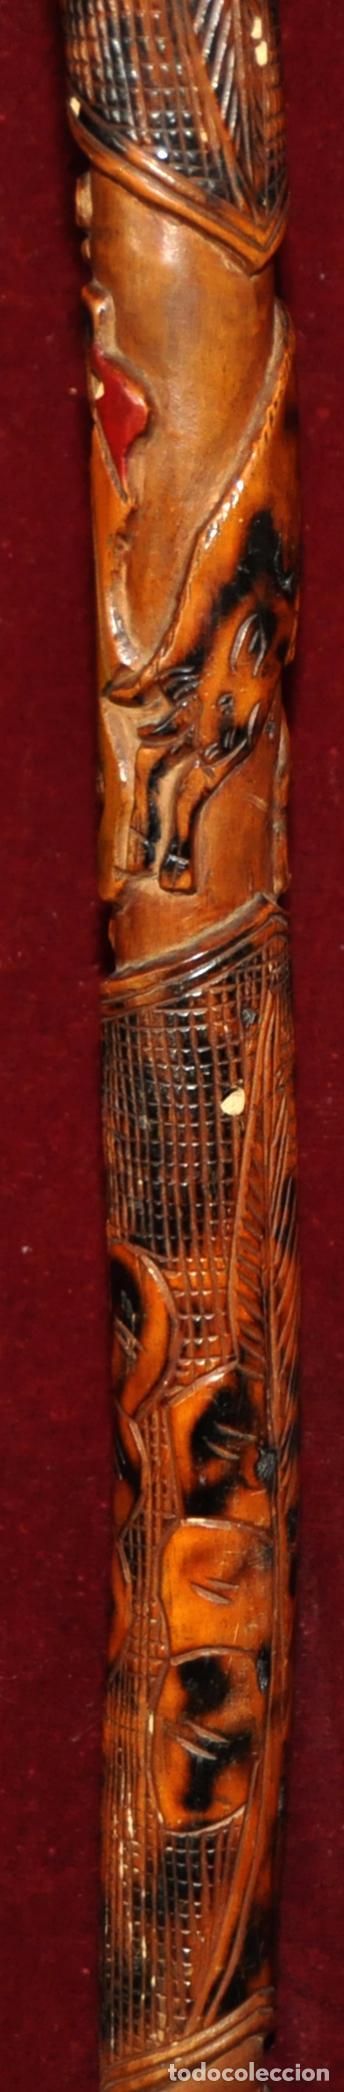 Antigüedades: ANTIGUO BASTON EN MADERA TROPICAL Y DECORACIONES TALLADAS A MANO. CIRCA 1900 - Foto 3 - 71174053